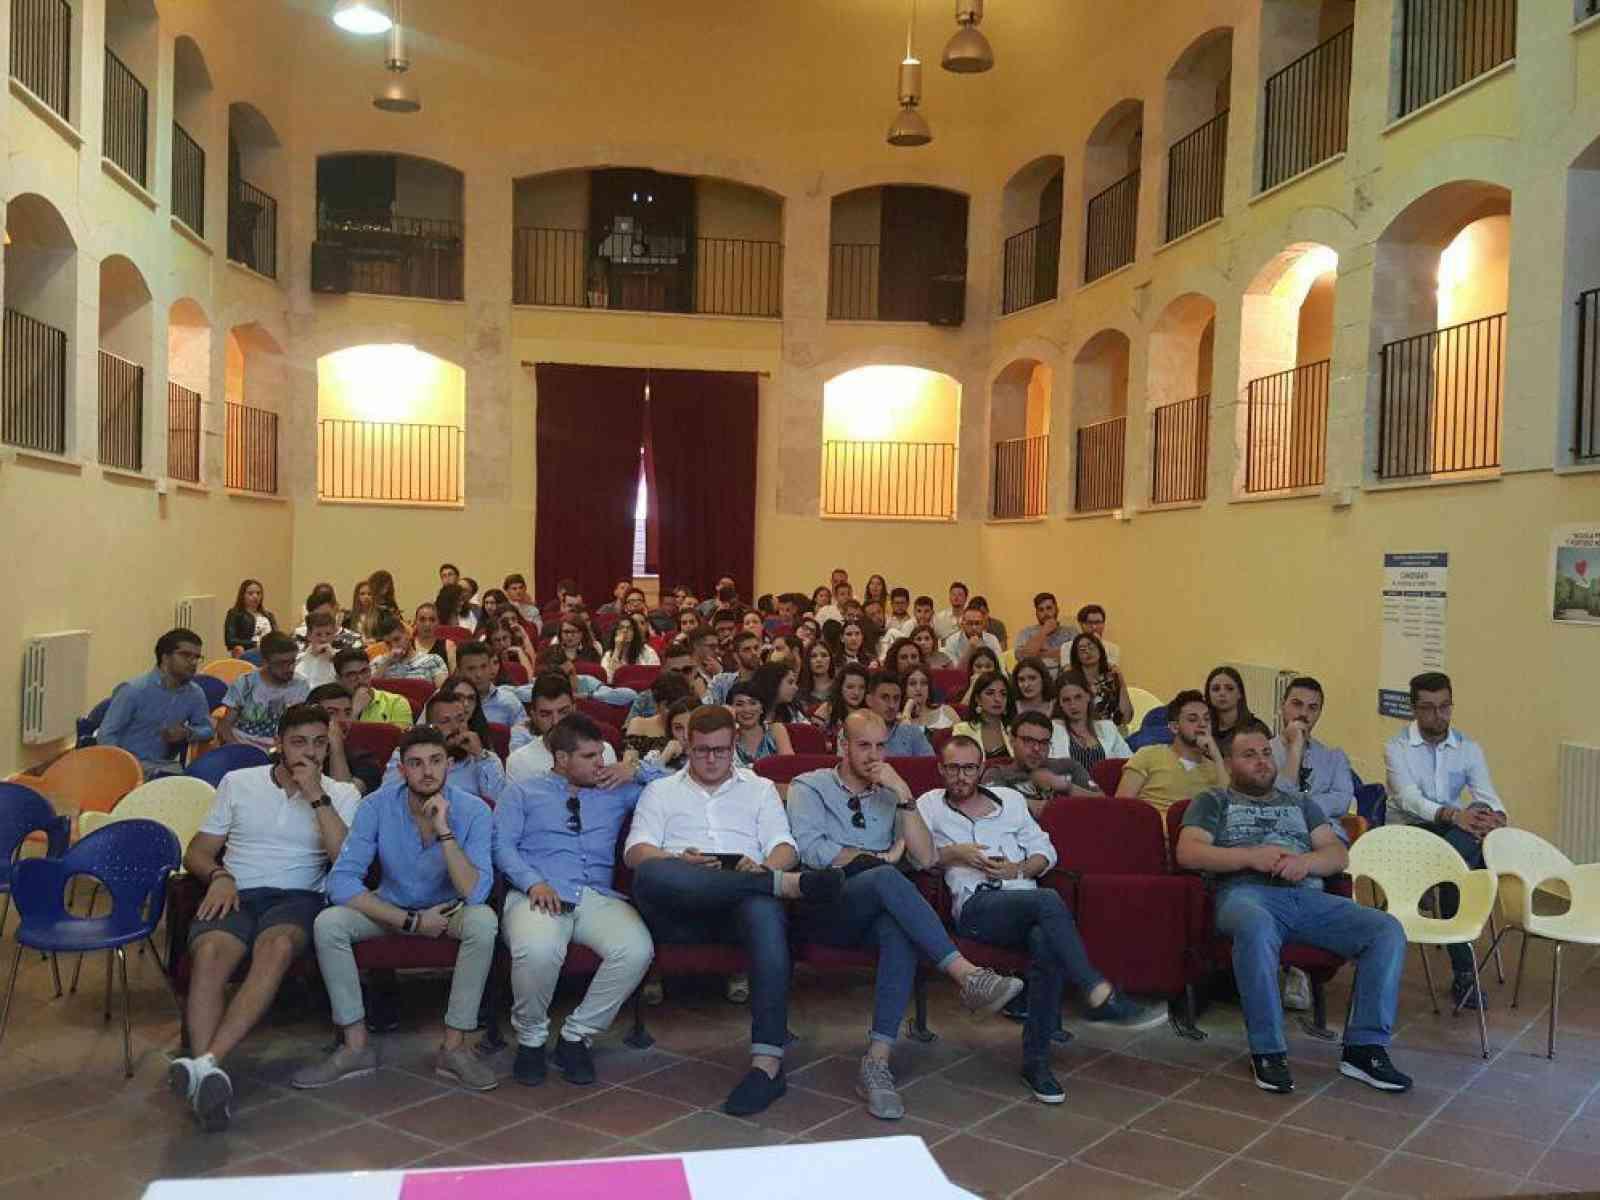 Immagine articolo: Si insedia la consulta giovanile a S. Margherita. Ecco gli eletti fra i candidati che si sono proposti